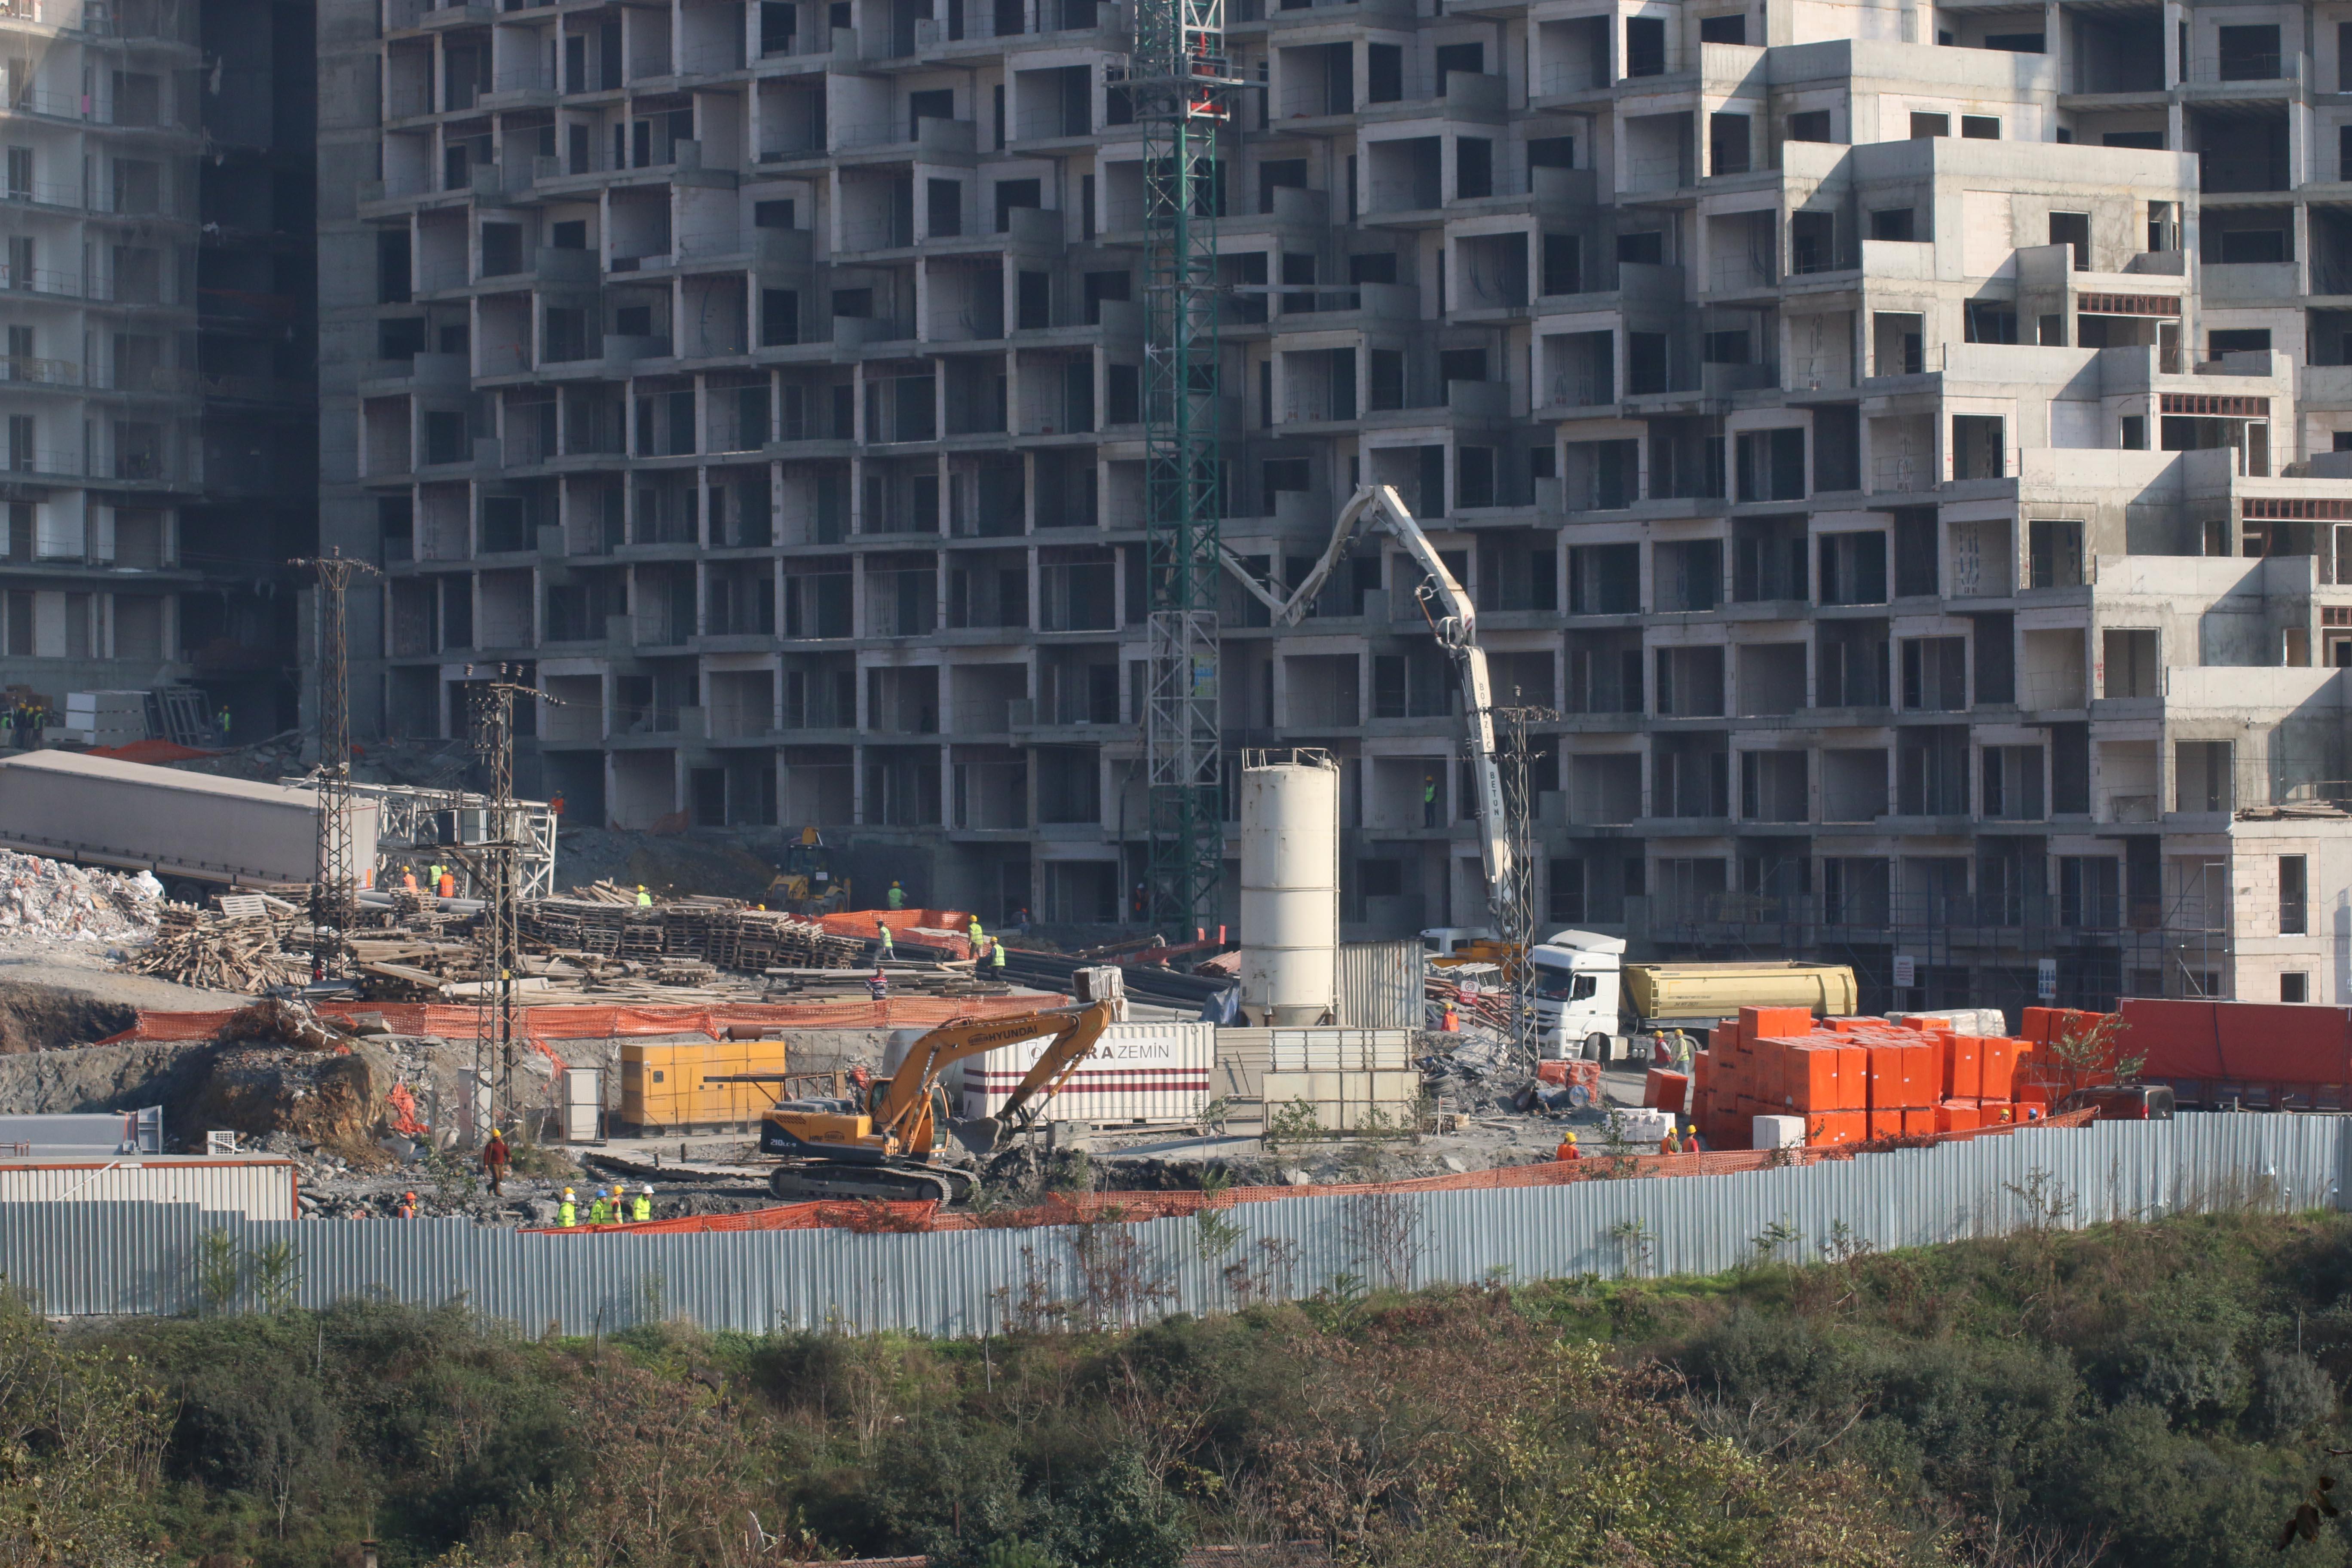 Maslak 1453 inşaatı, Sarıyer Belediyesi'nin durdurma kararına rağmen devam ediyor